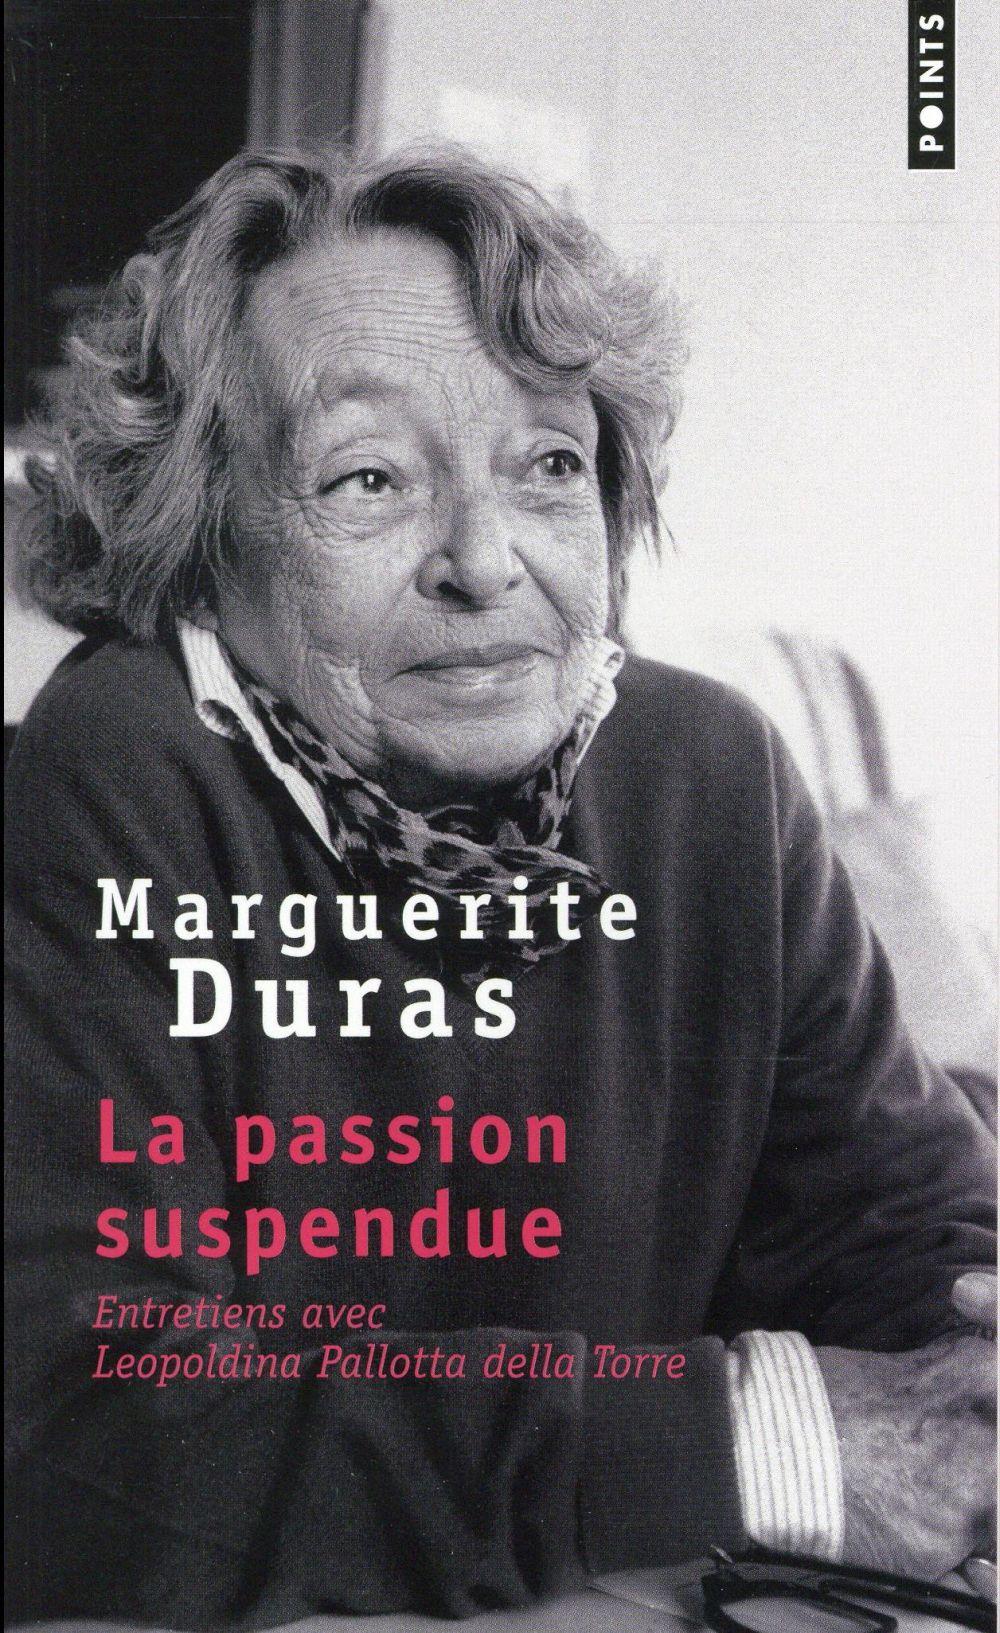 La passion suspendue ; entretiens avec Leopoldina Pallotta della Torre